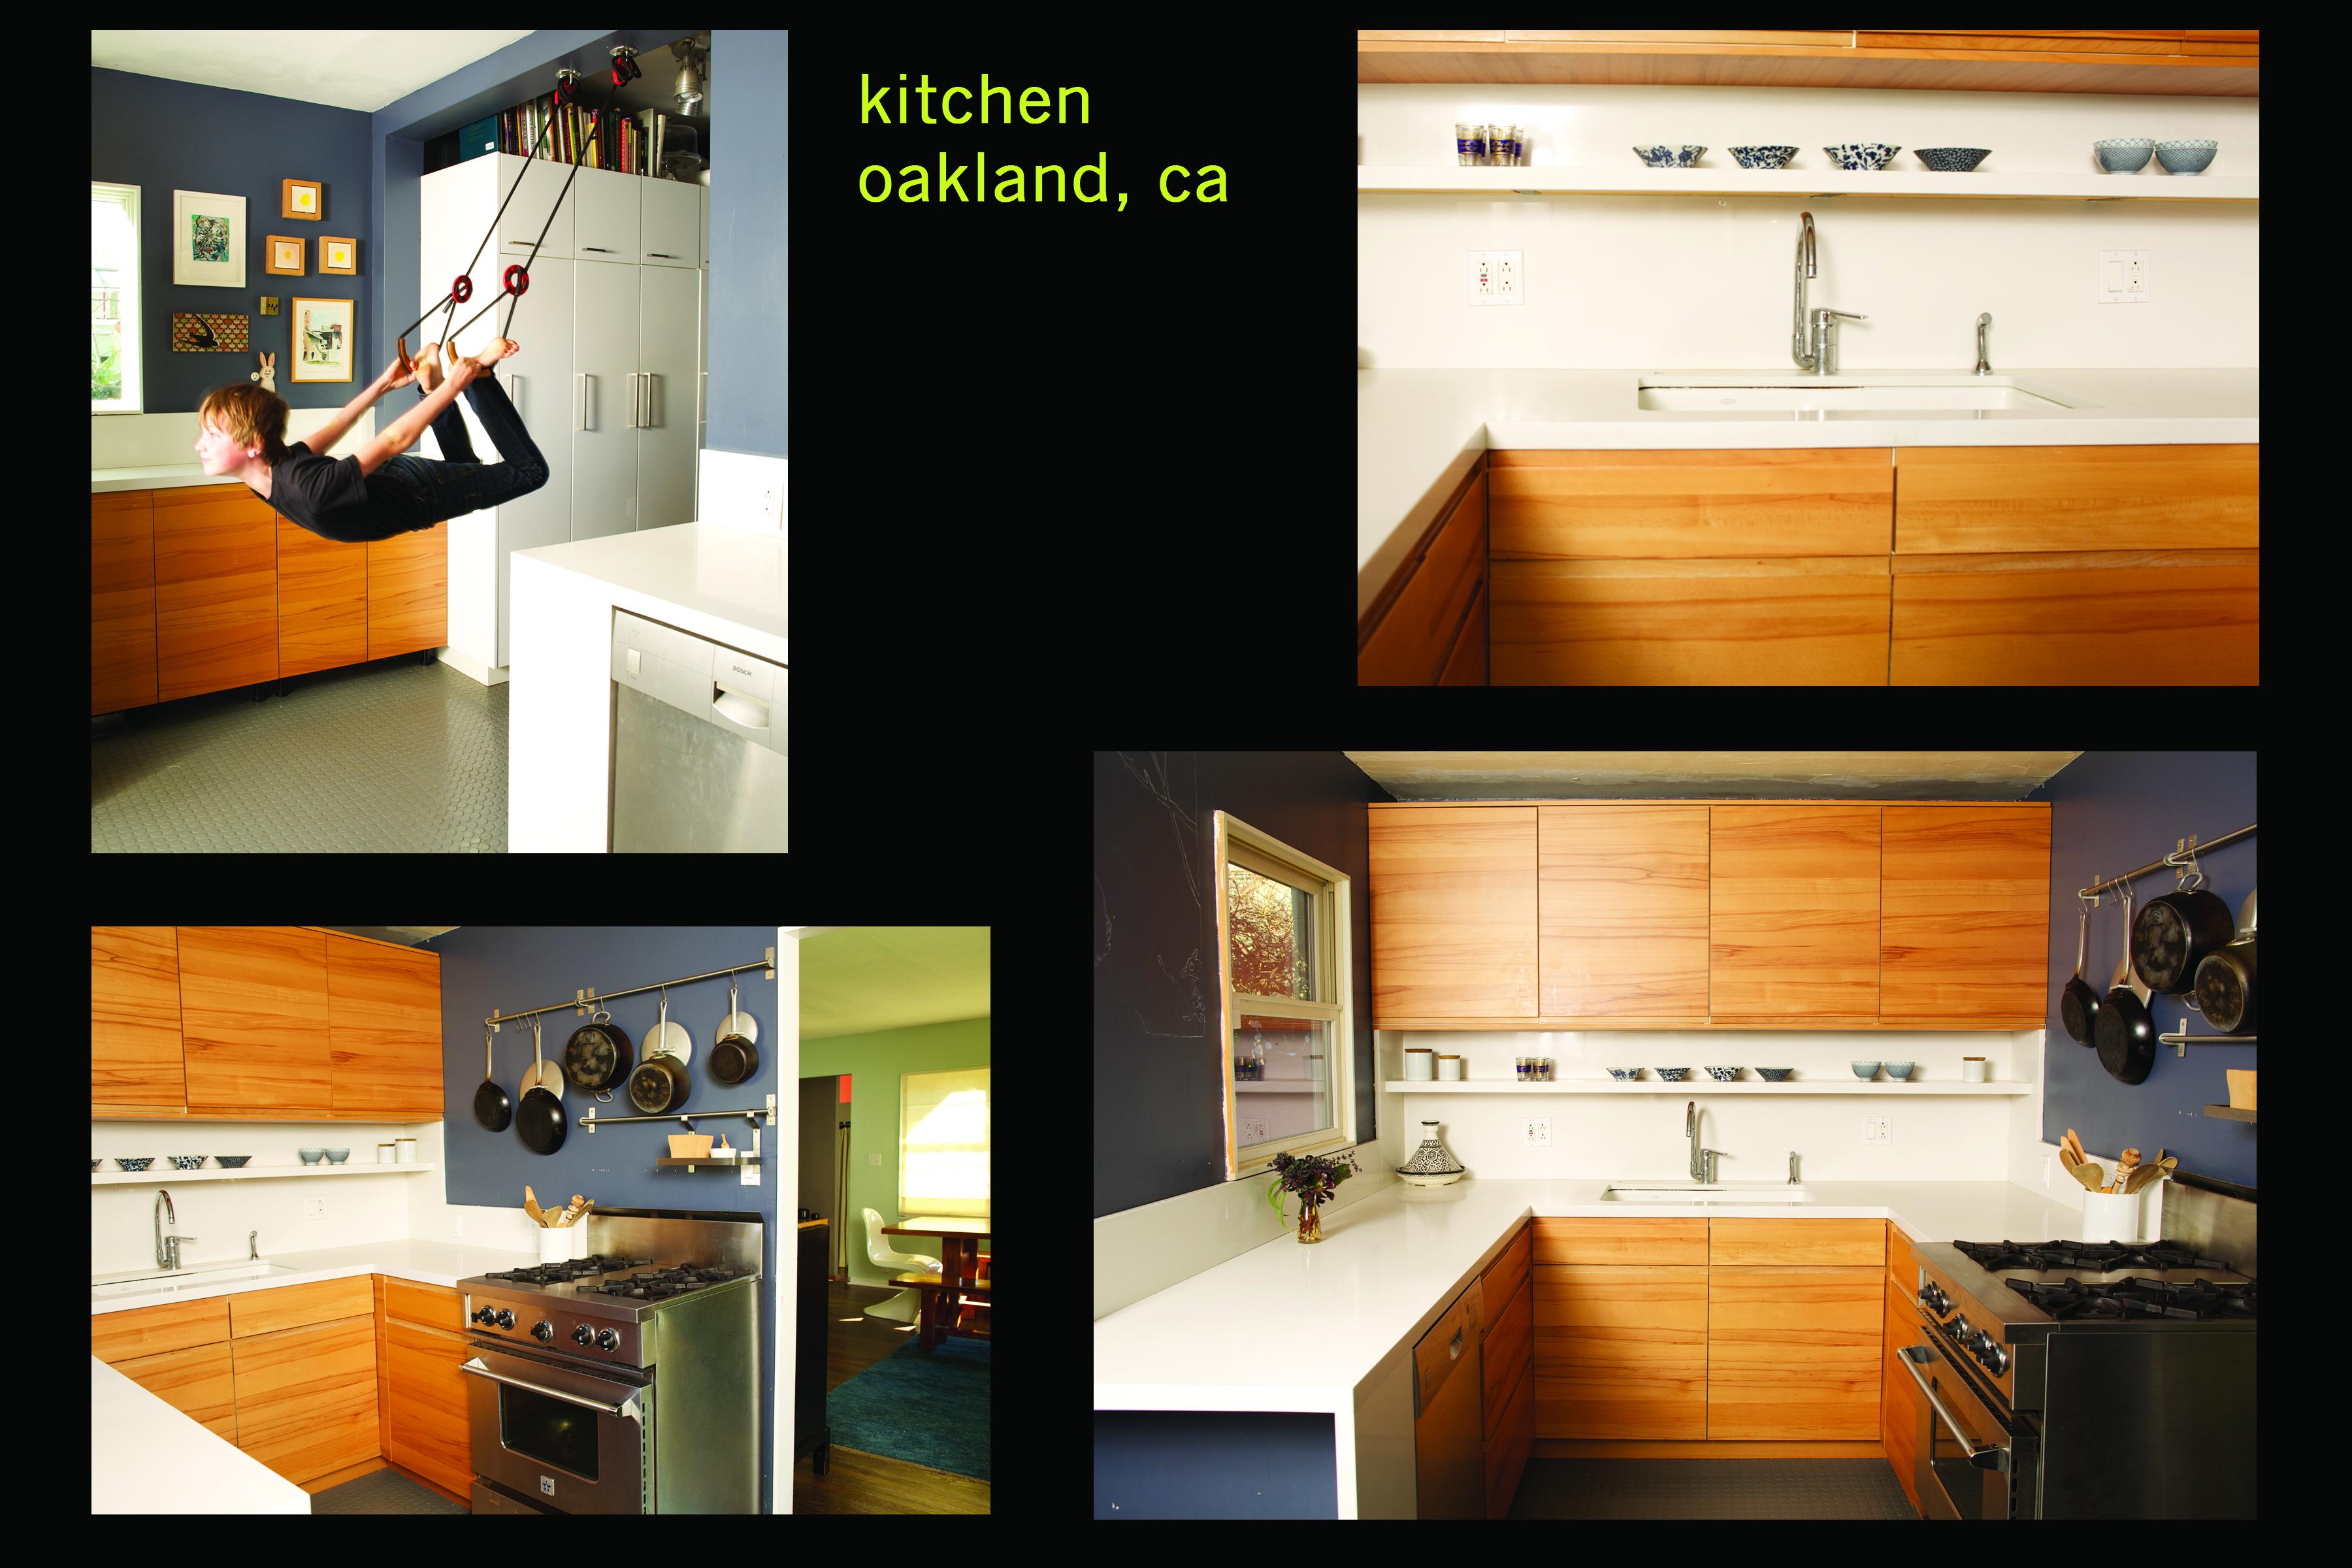 kitchen oakland